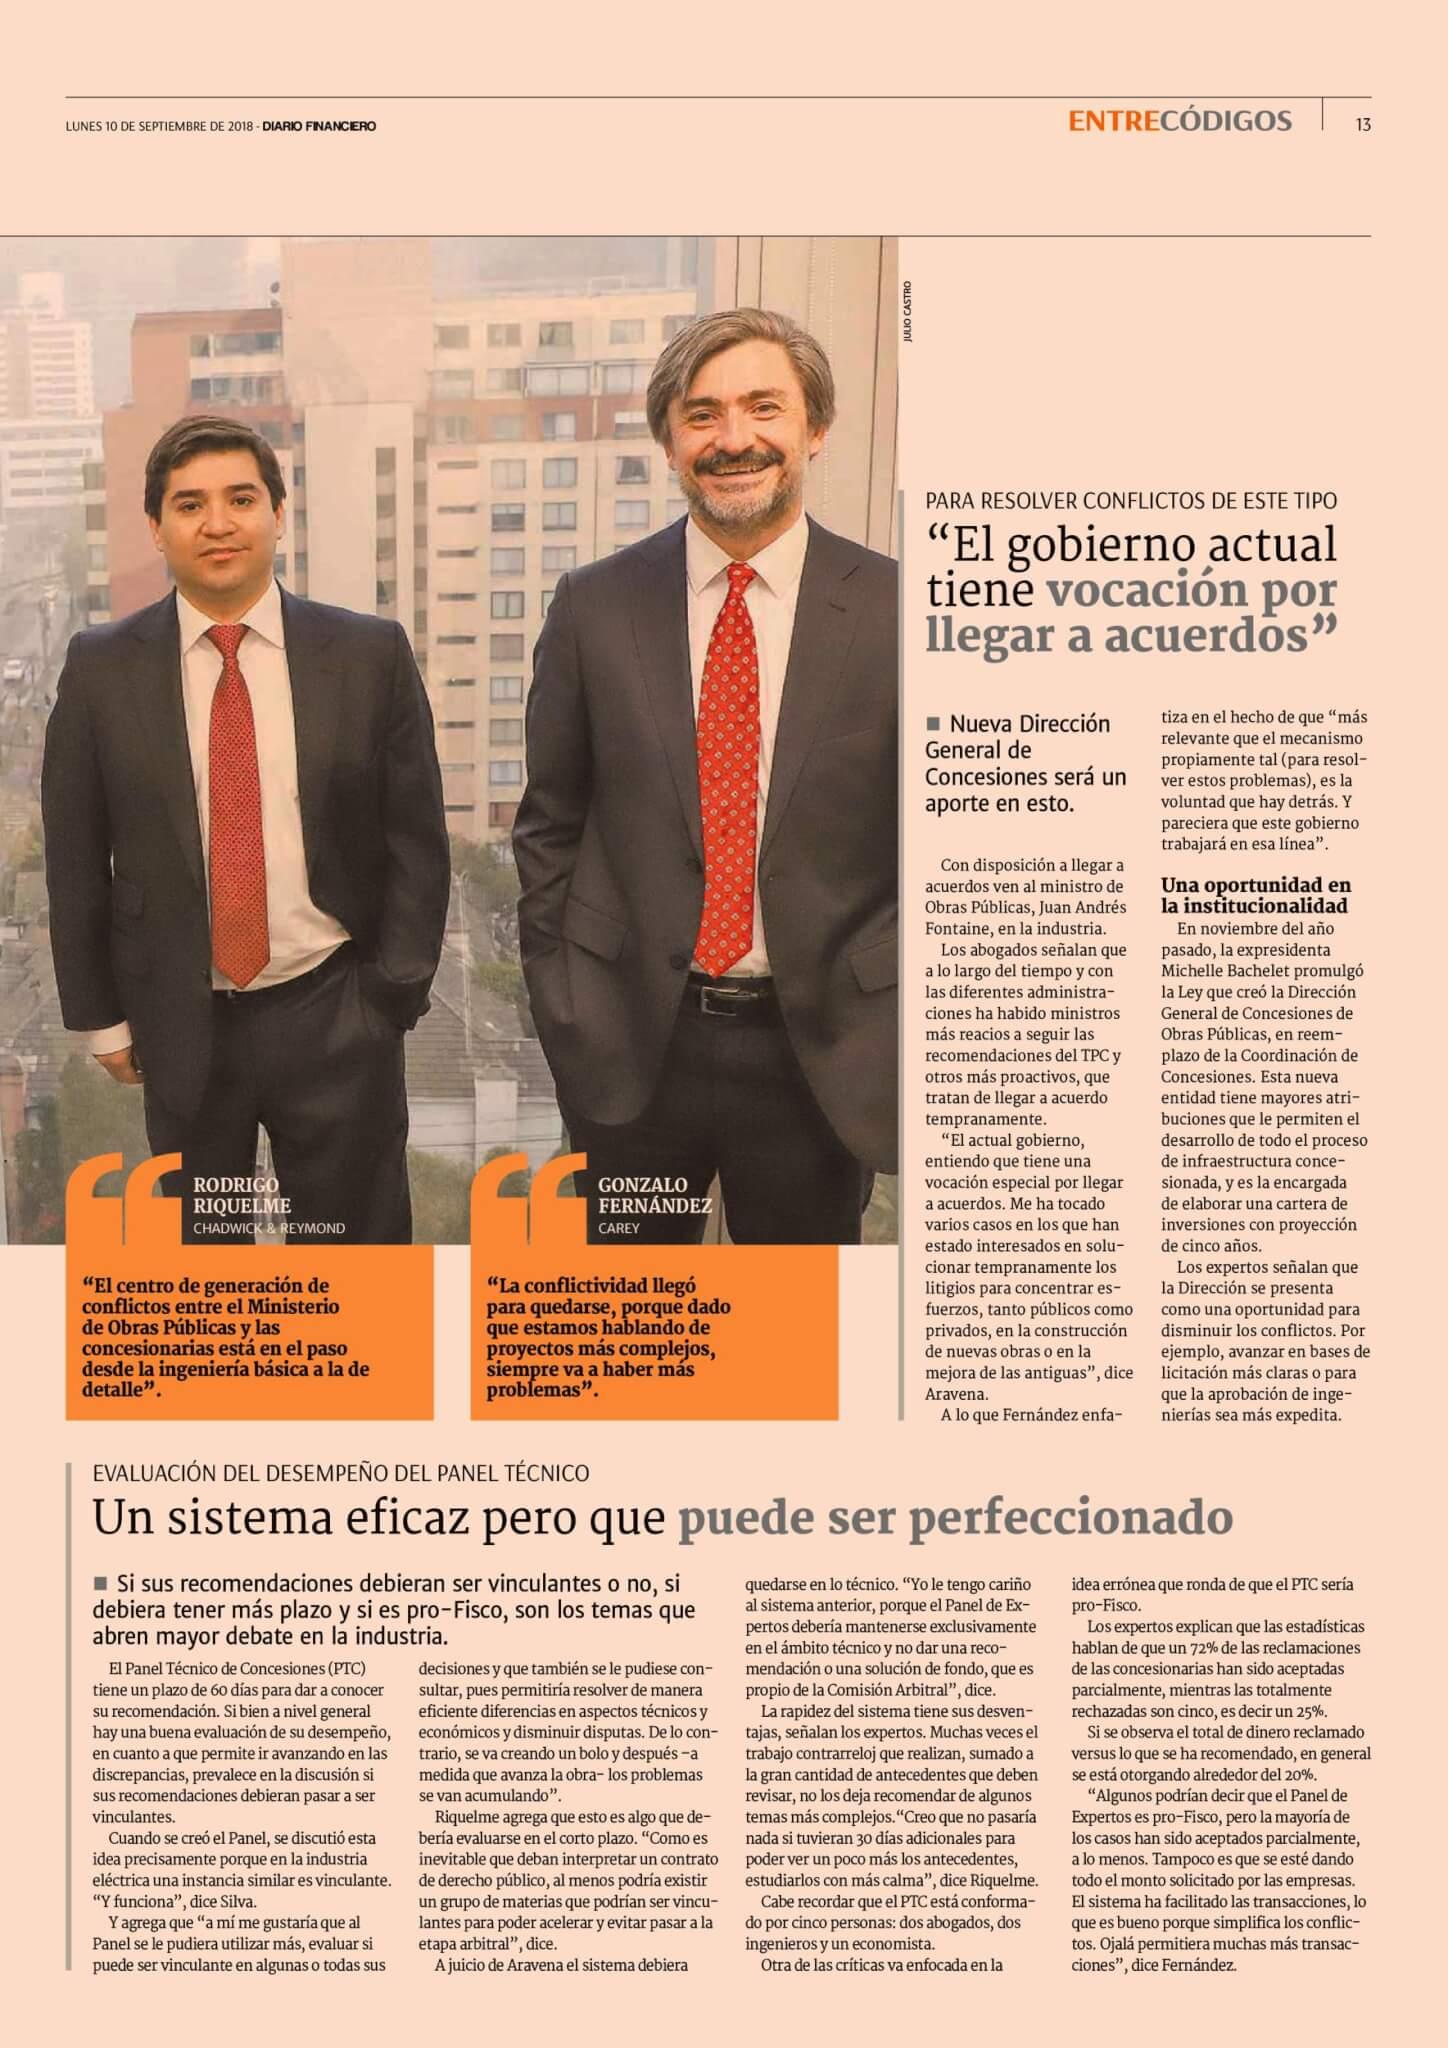 Diario Financiero Entre Códigos - II Conflictividad en concesiones abogados delinean los desafíos del sistema - 10092018